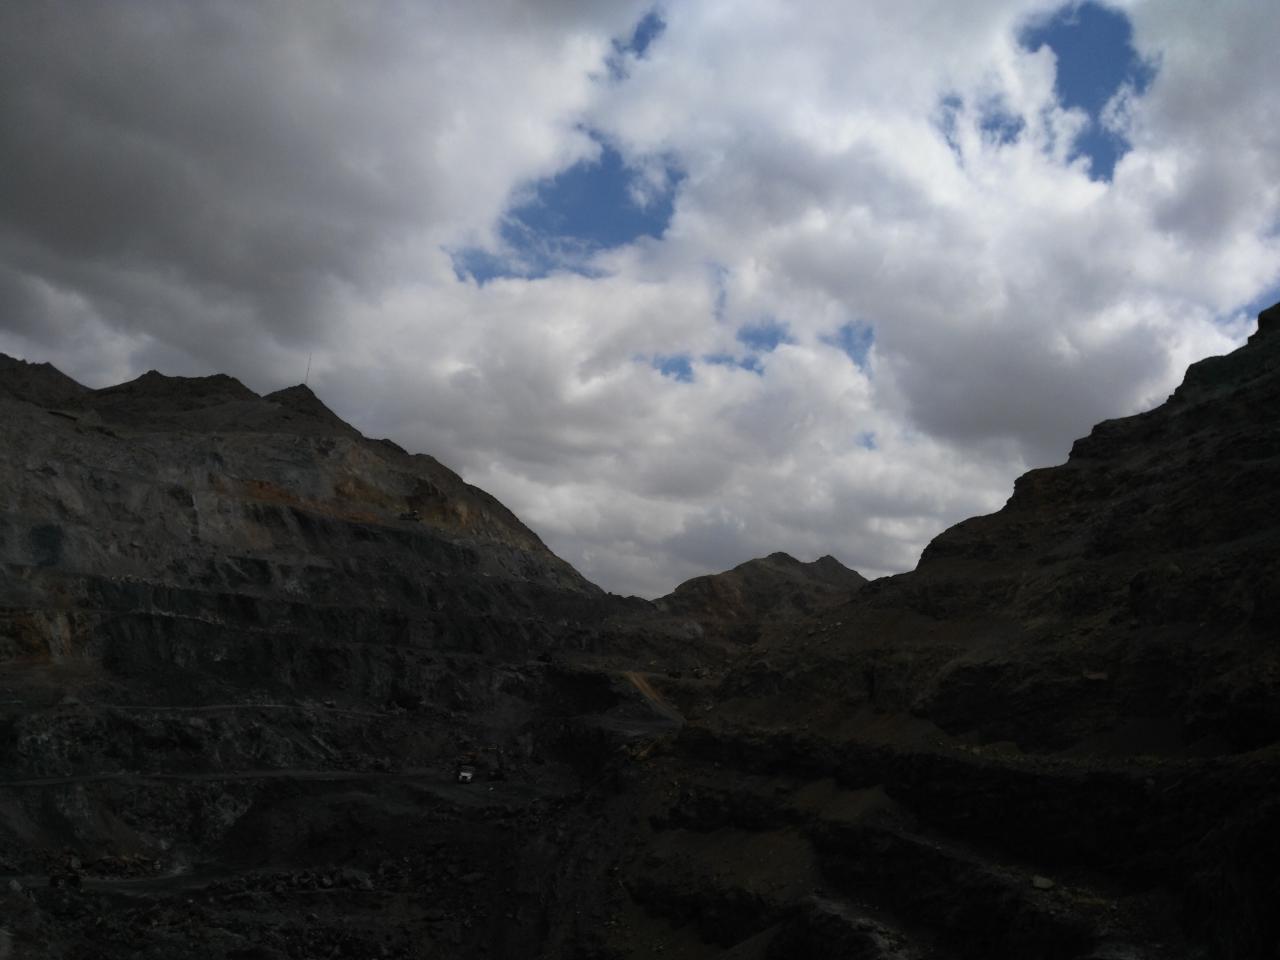 بازدید ایران مرکزی، فیلدهای زمین شناسی، آشنایی بارشته ی زمینشناسی، تصاویر زمین شناسی، بازدید از شهر یزد، دانشجویان در شهر یزد، زمین شناسی دانشگاه شهید بهشتی